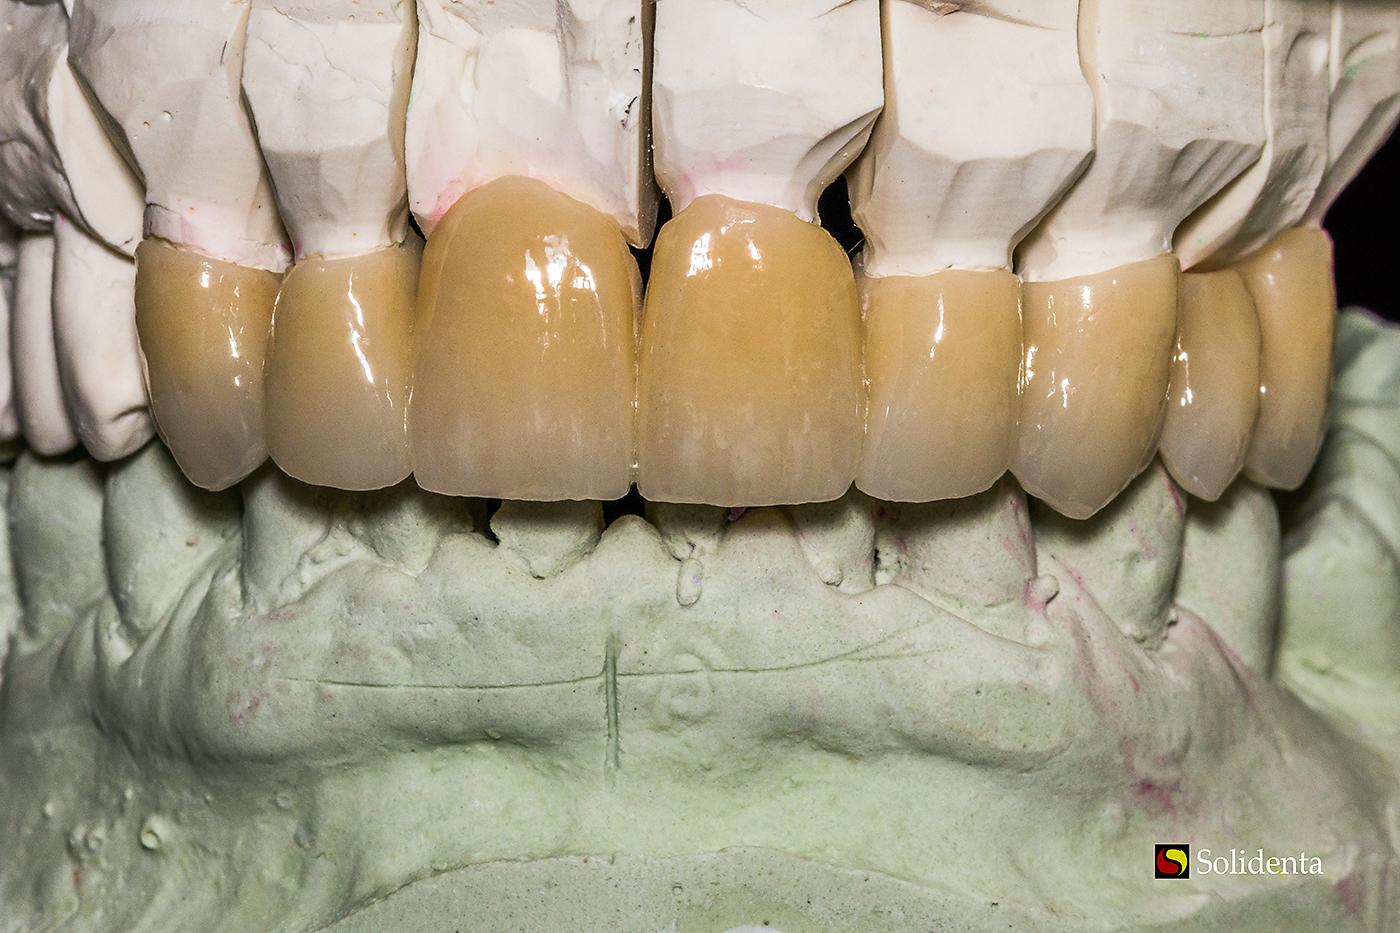 Priekiniai dantys - cirkonio keramikos vainikėlis. Neišimamų dantų protezų gamyba.